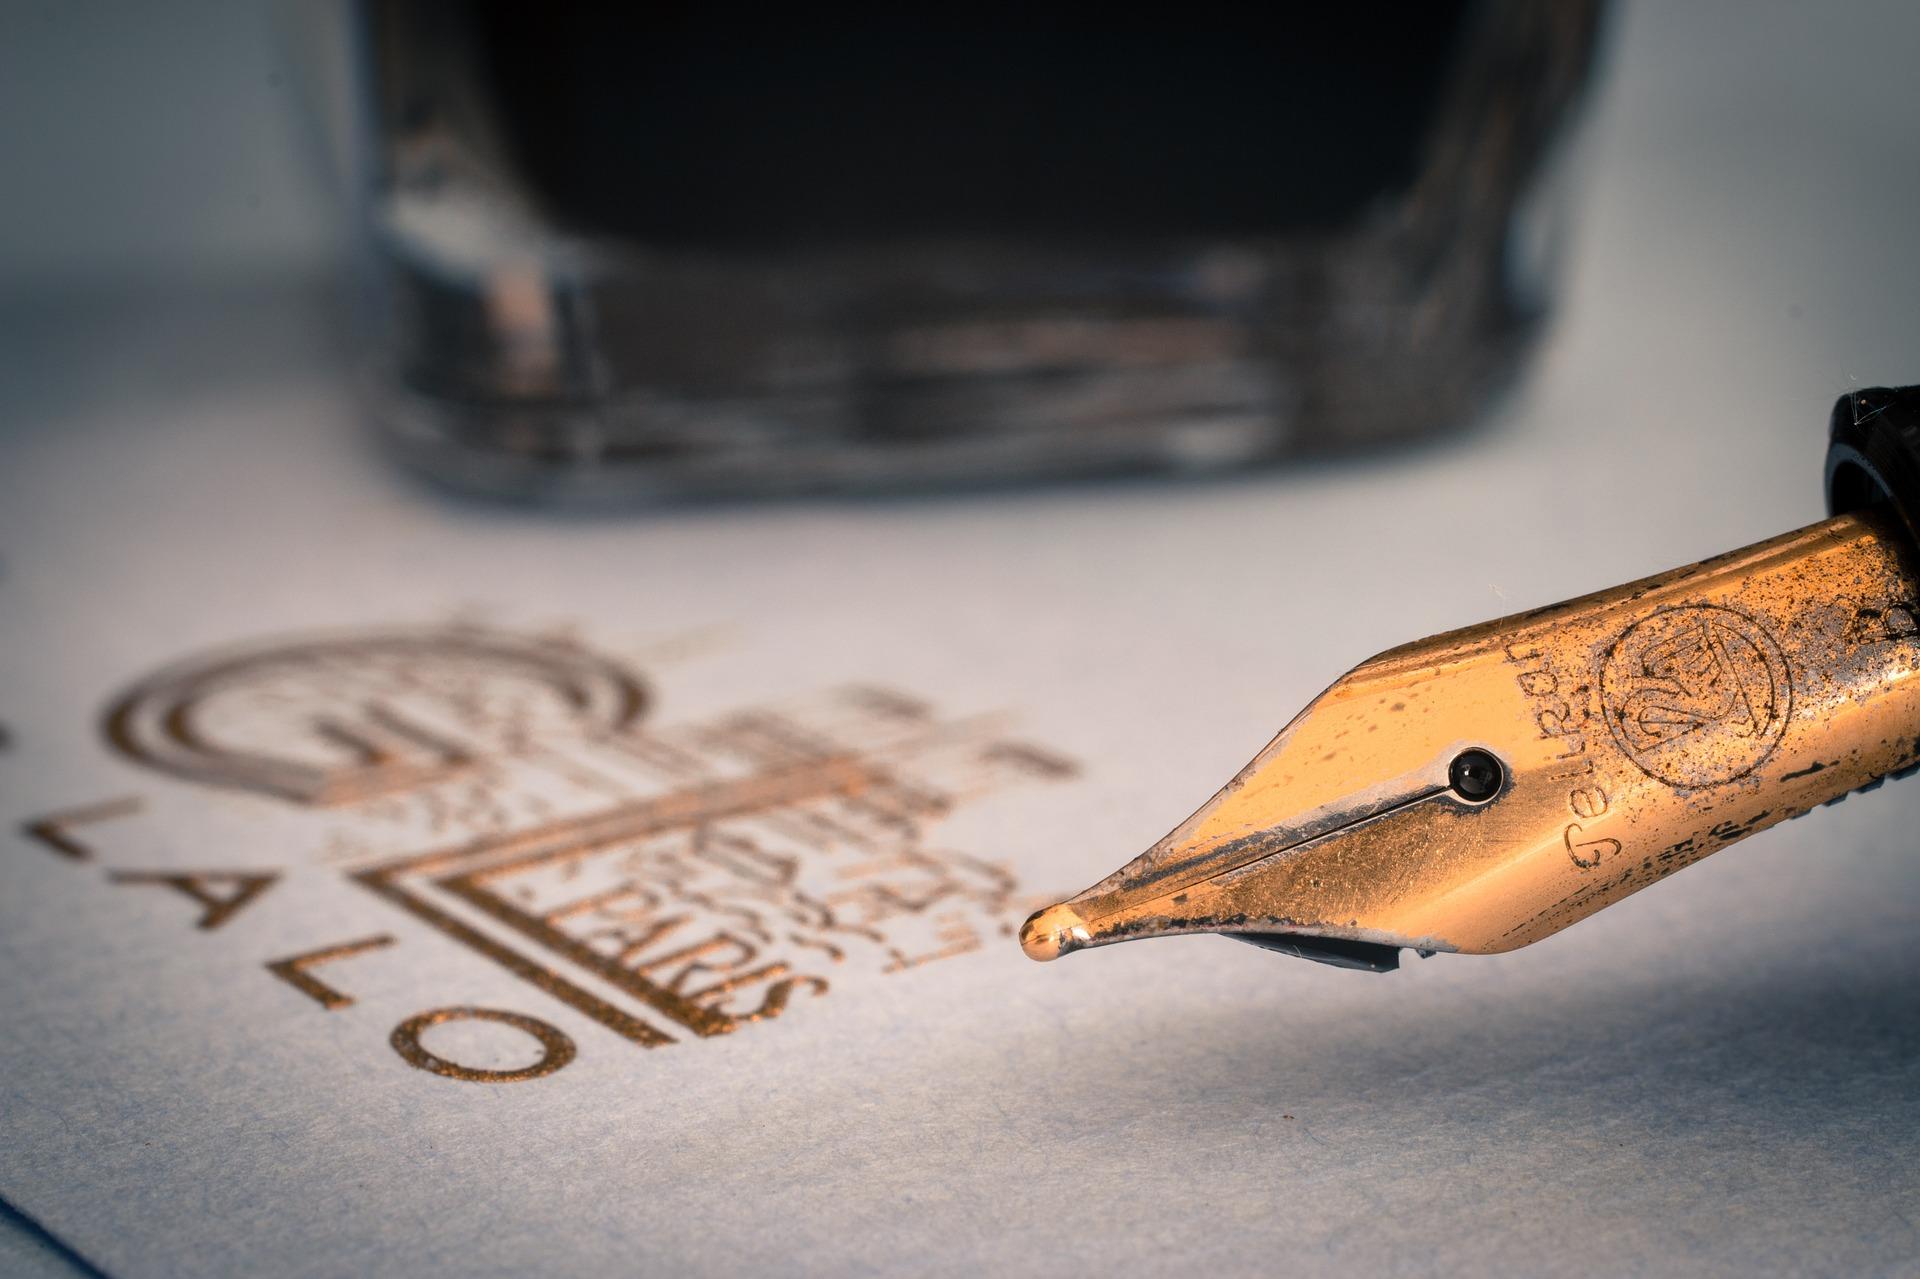 fountain-pens-1393979_1920.jpg